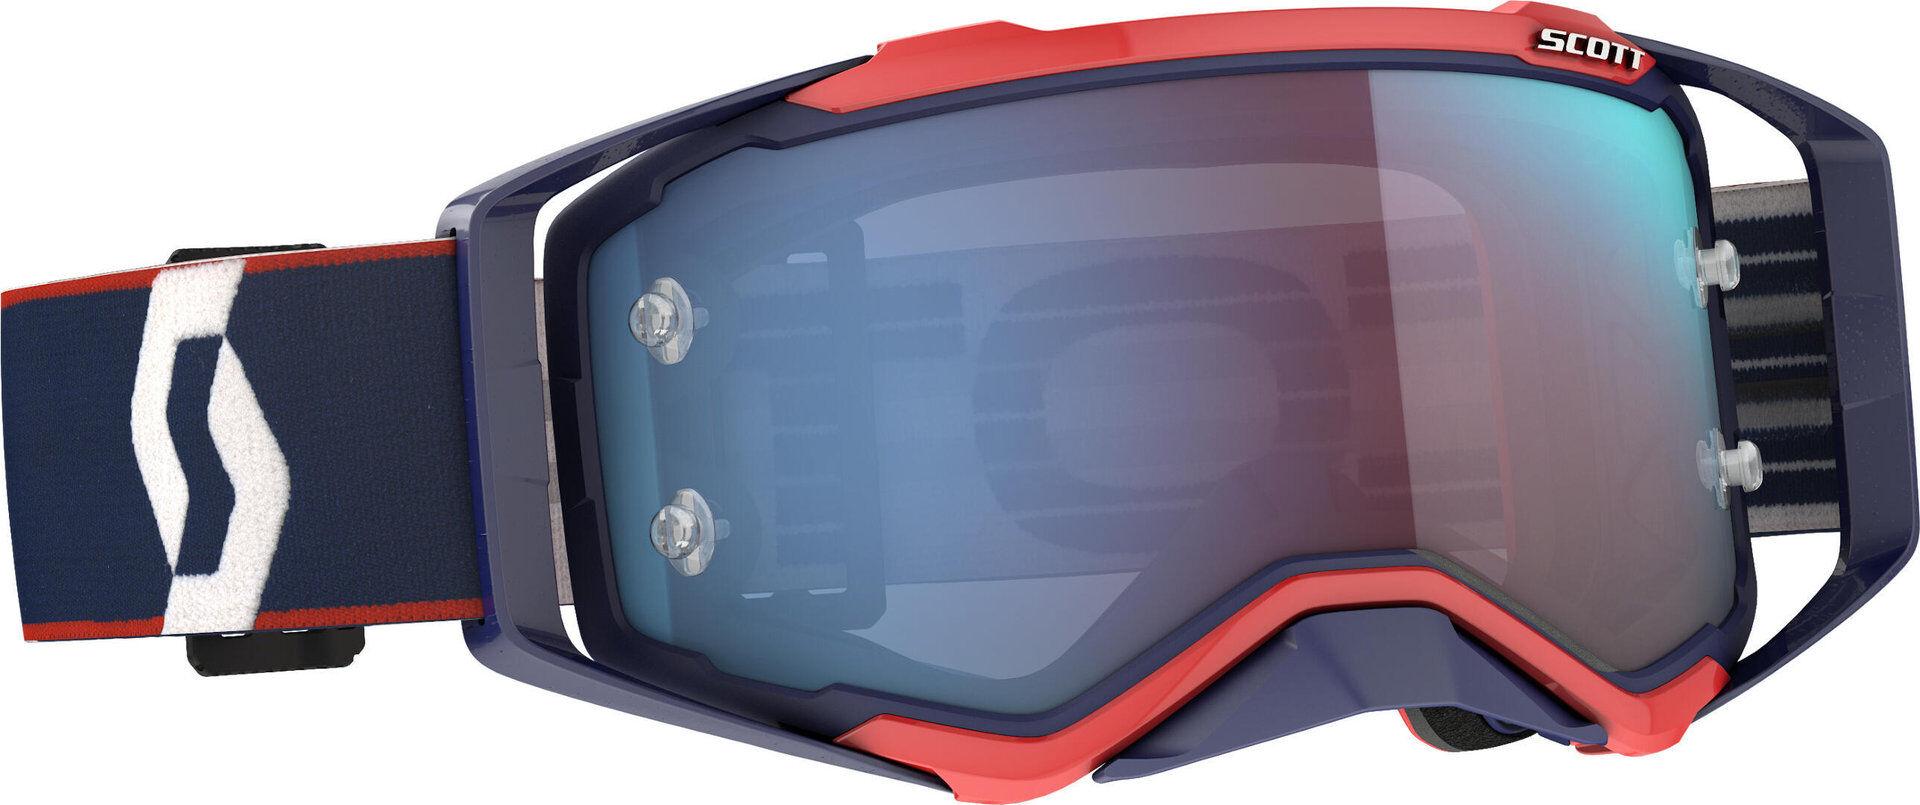 Scott Prospect lunettes rétro bleu/rod Motocross Bleu Rouge taille : unique taille